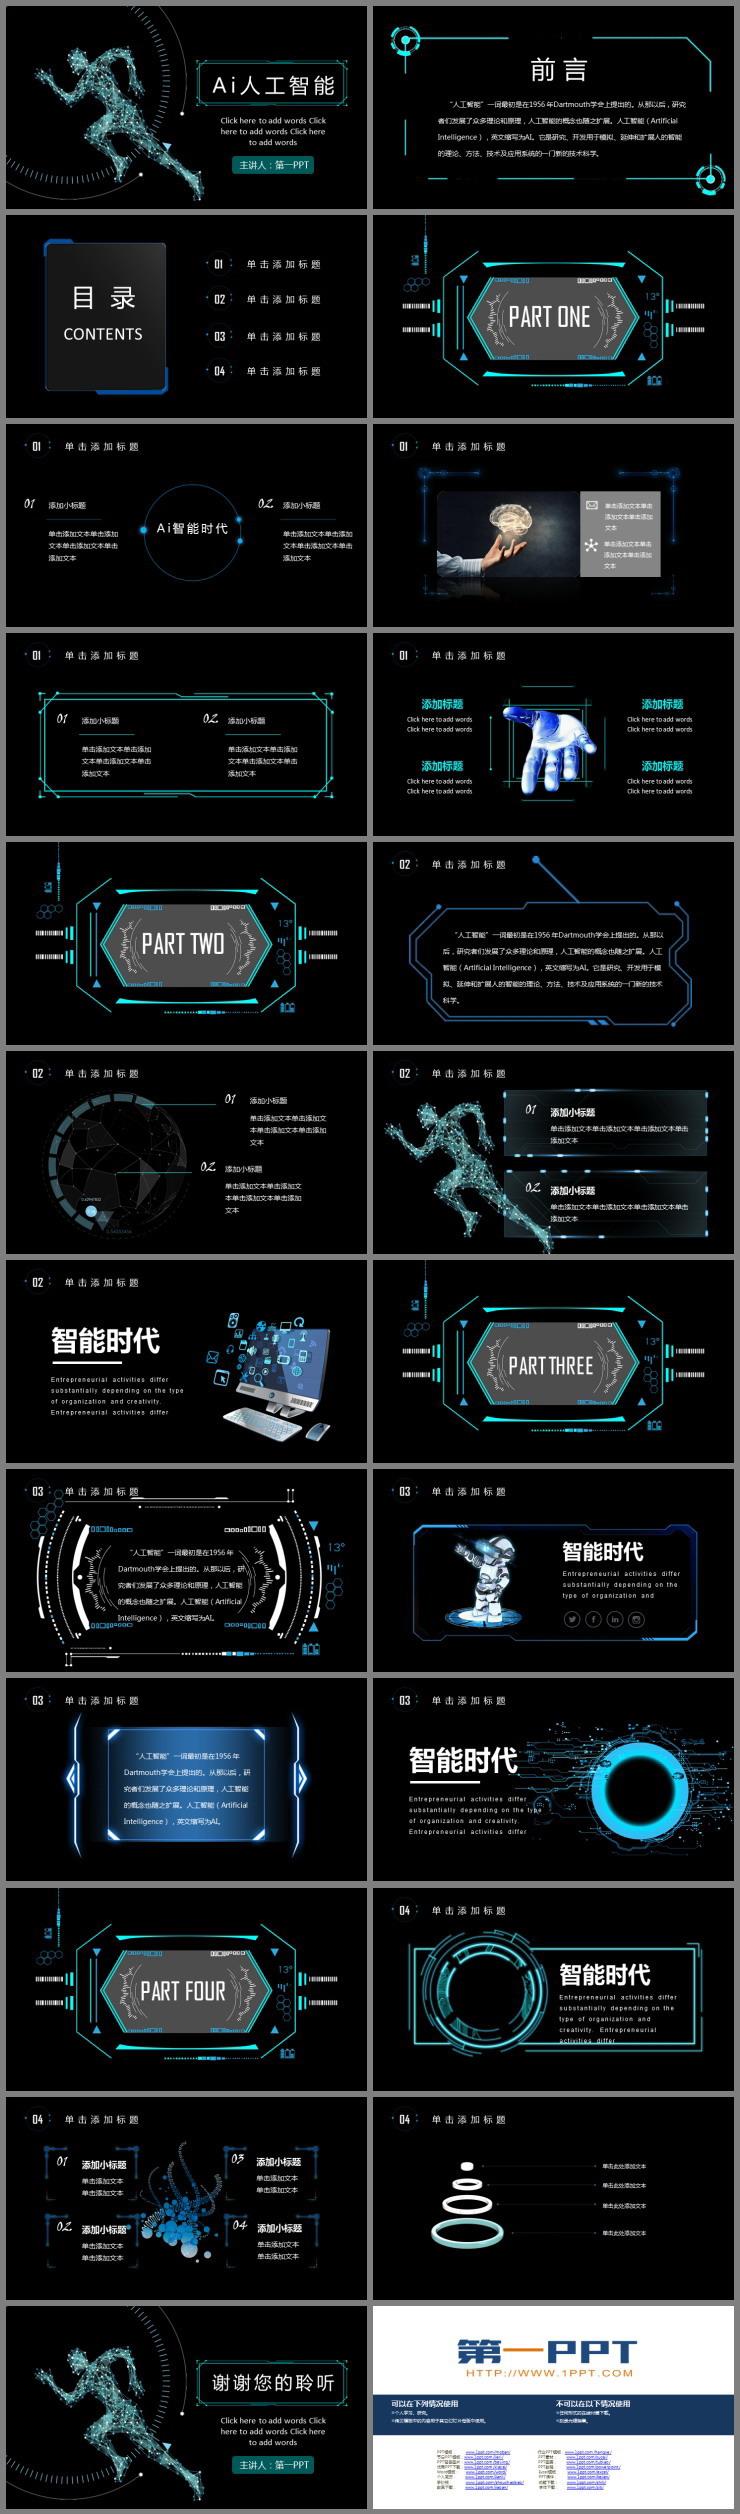 虚拟奔跑人物背景的AI人工智能主题PPT模板